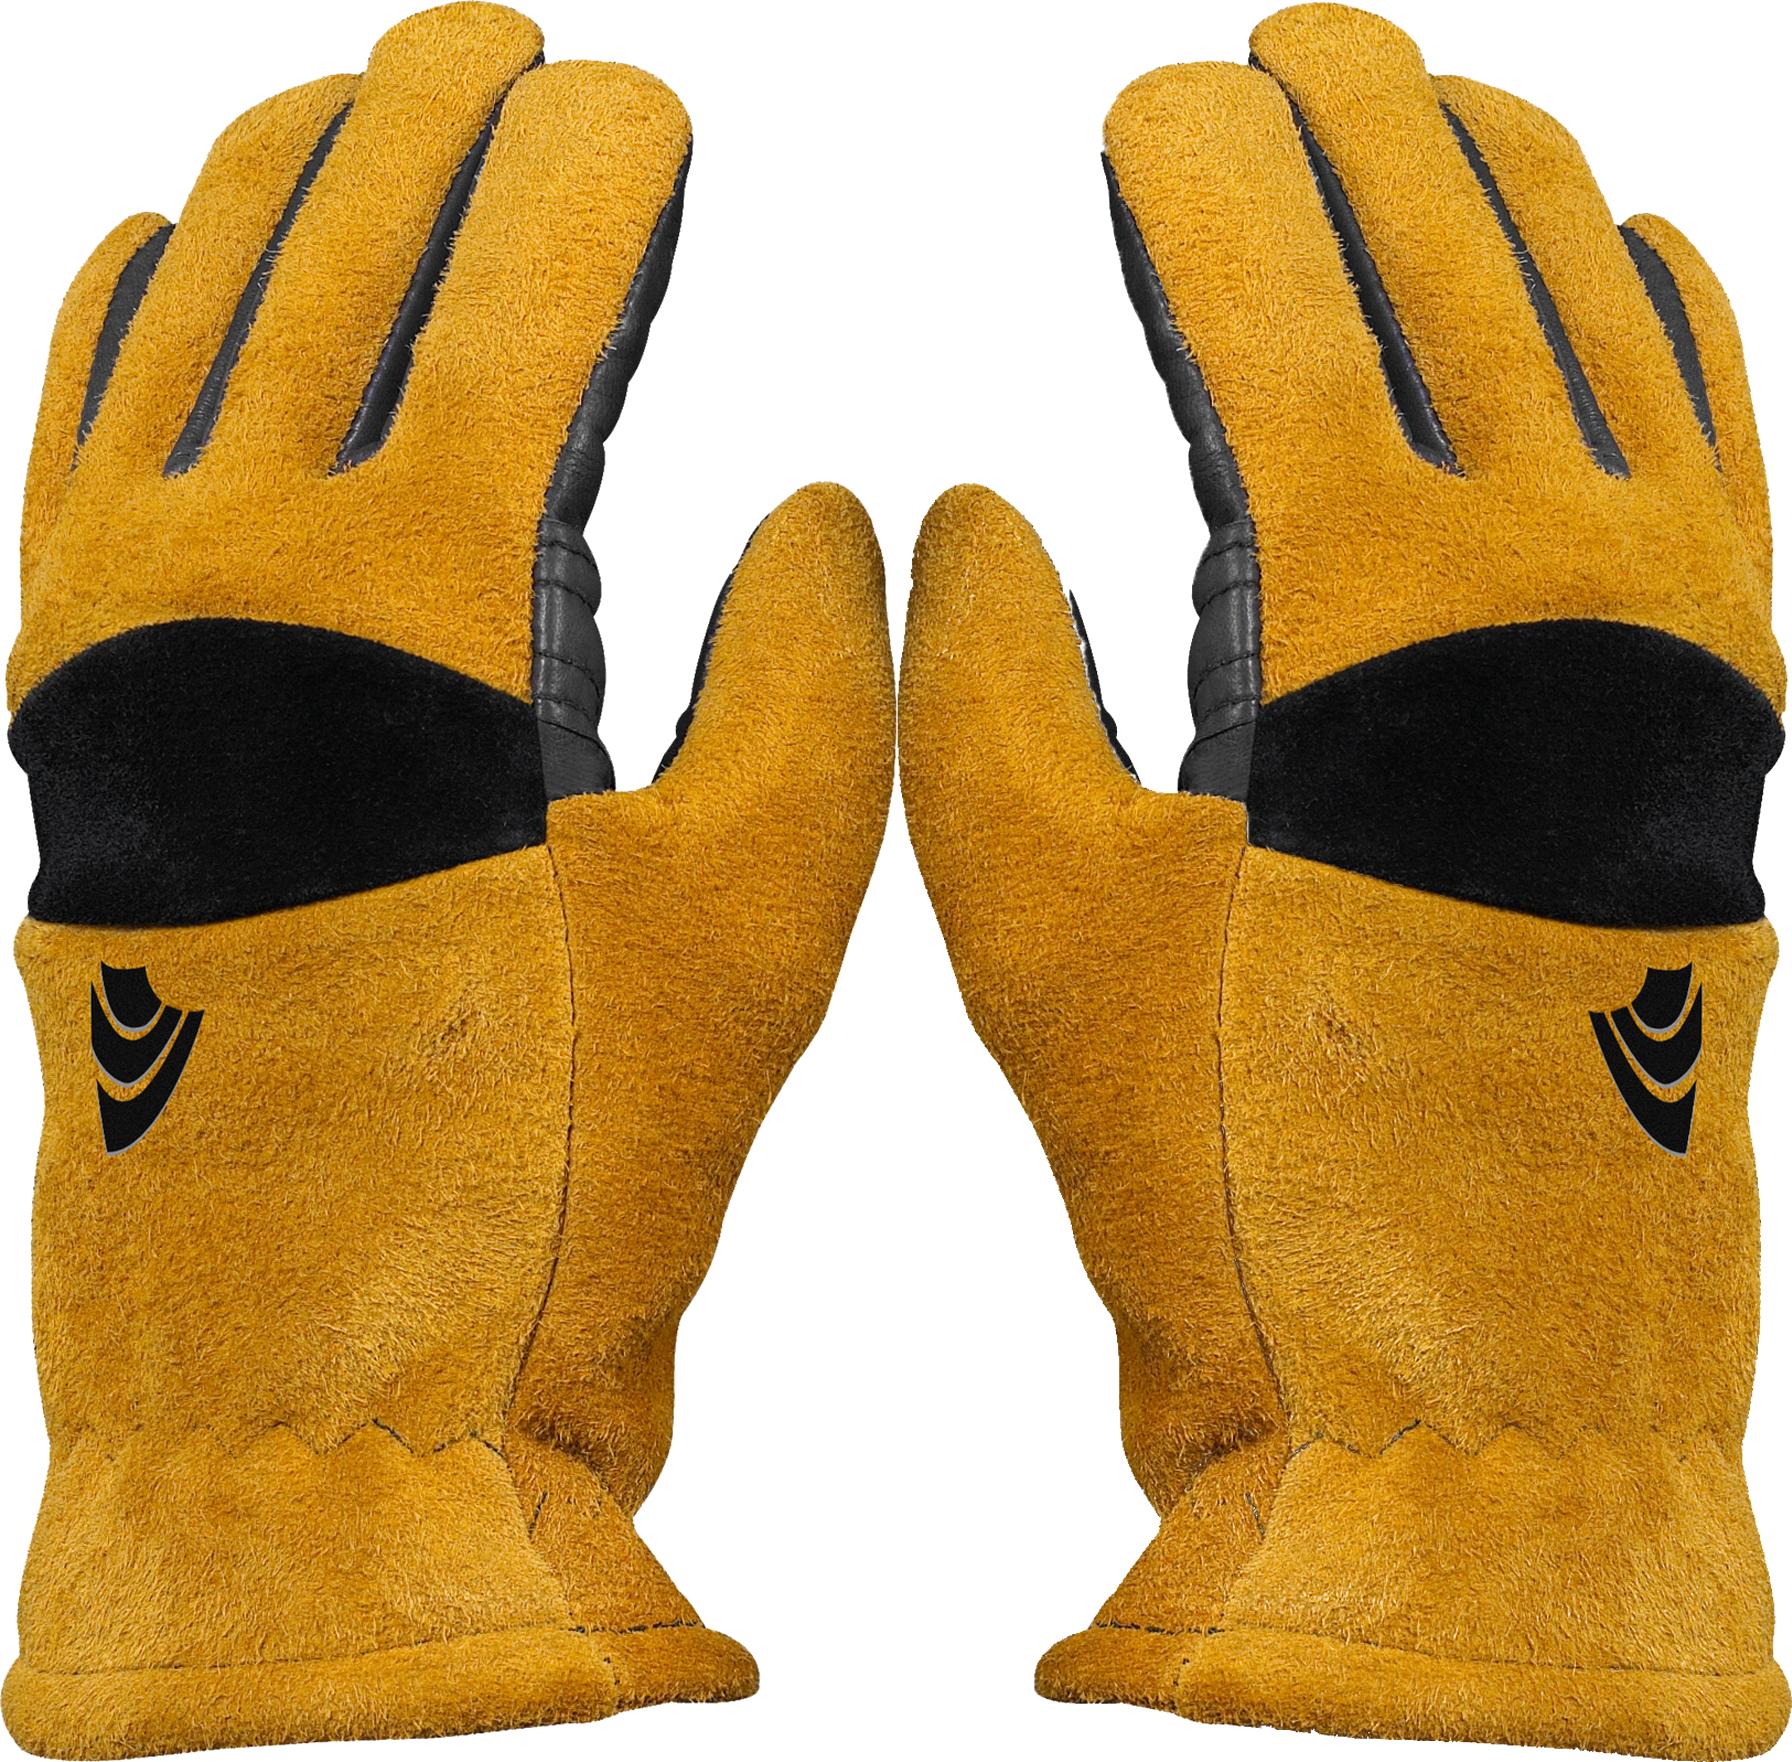 Теплые перчатки PNG фото